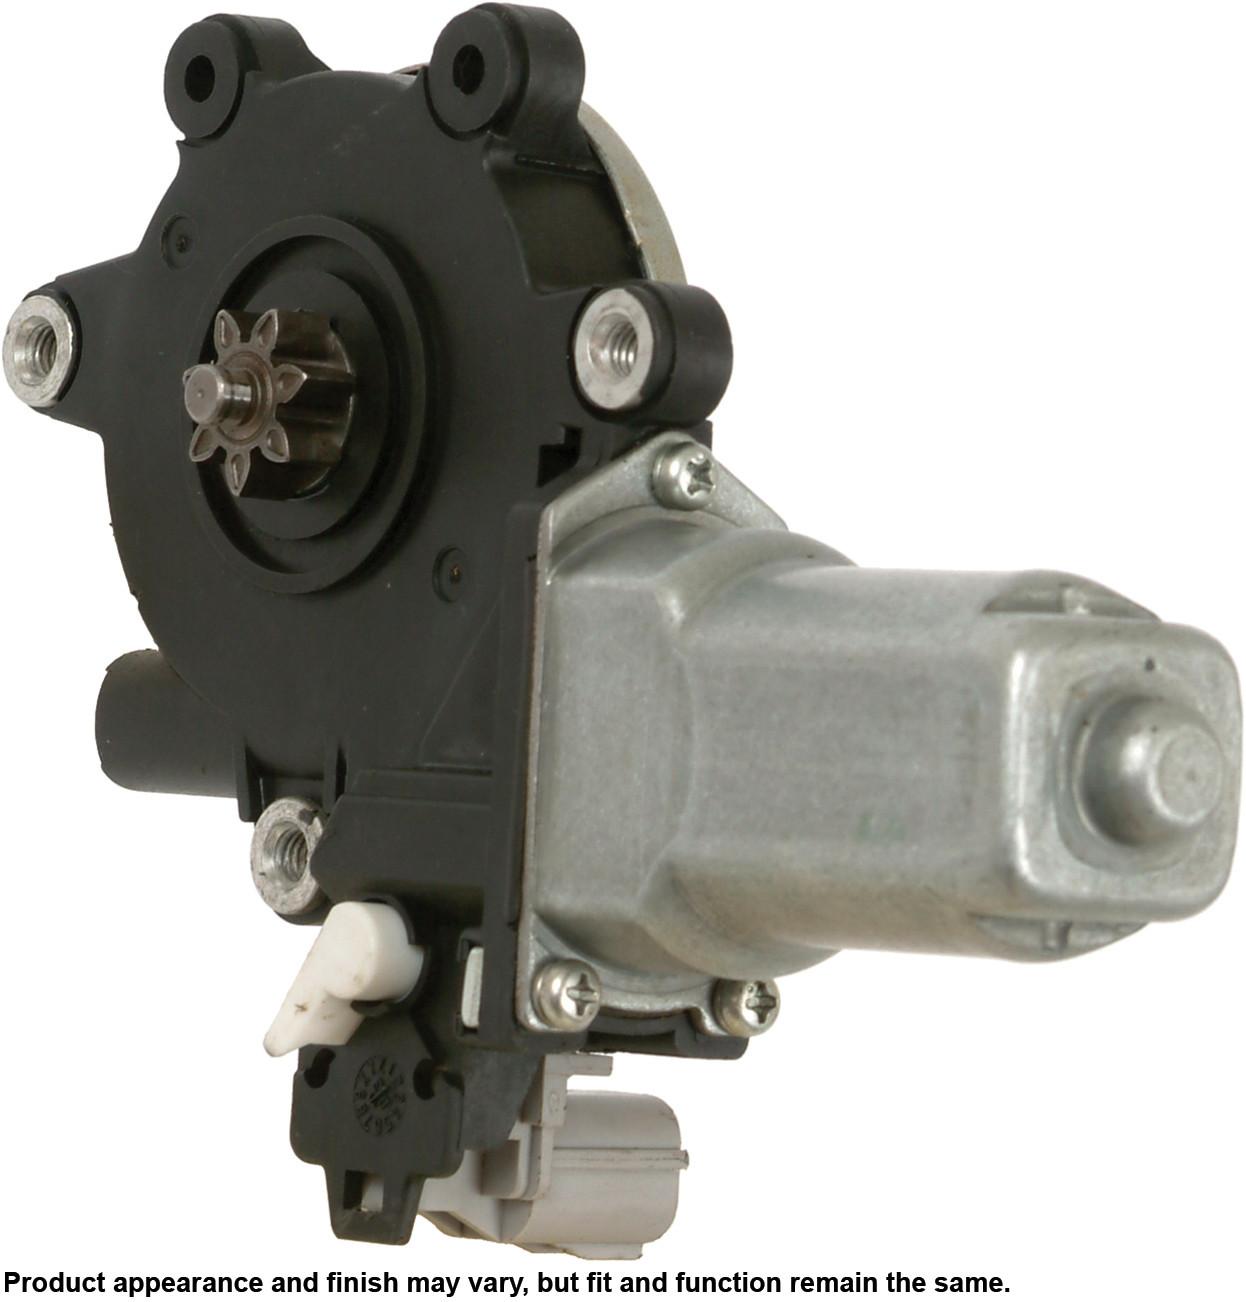 Imagen de Motor de Ventana eléctrica para Subaru Outback 2007 Subaru B9 Tribeca 2006 Marca CARDONE Remanufacturado Número de Parte 47-4124